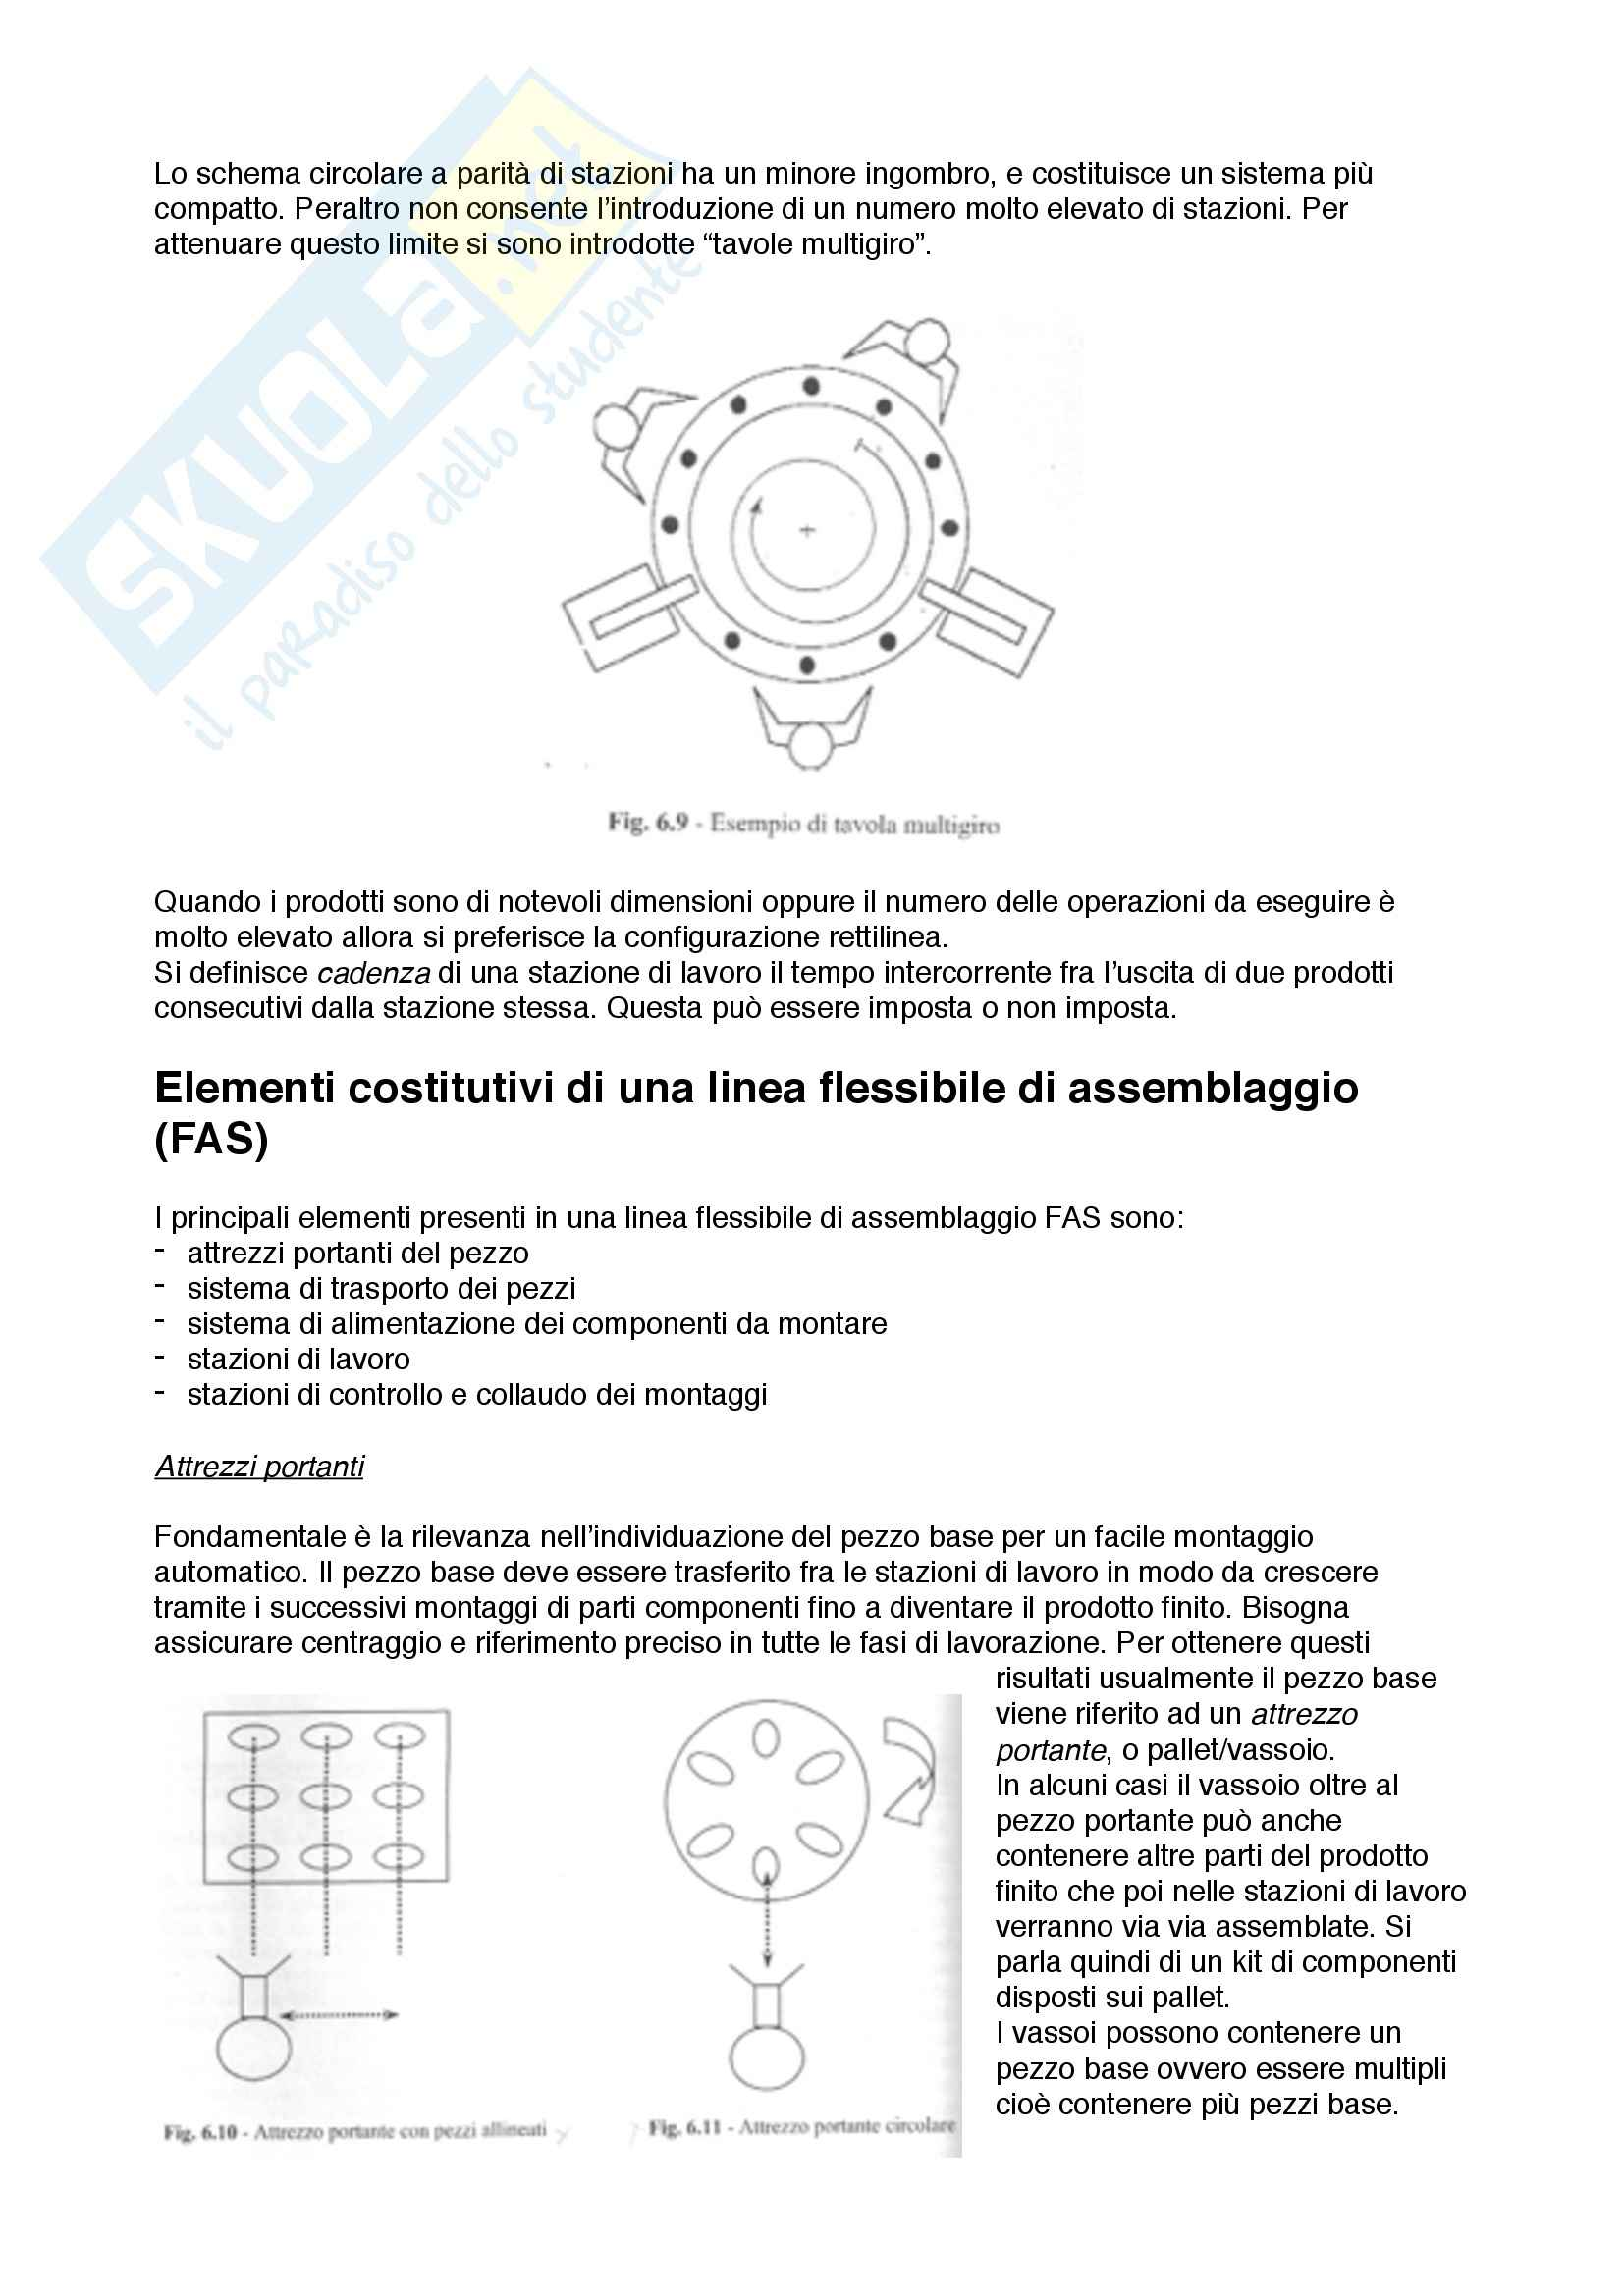 Lezioni: Appunti di Logistica Industriale Pag. 11